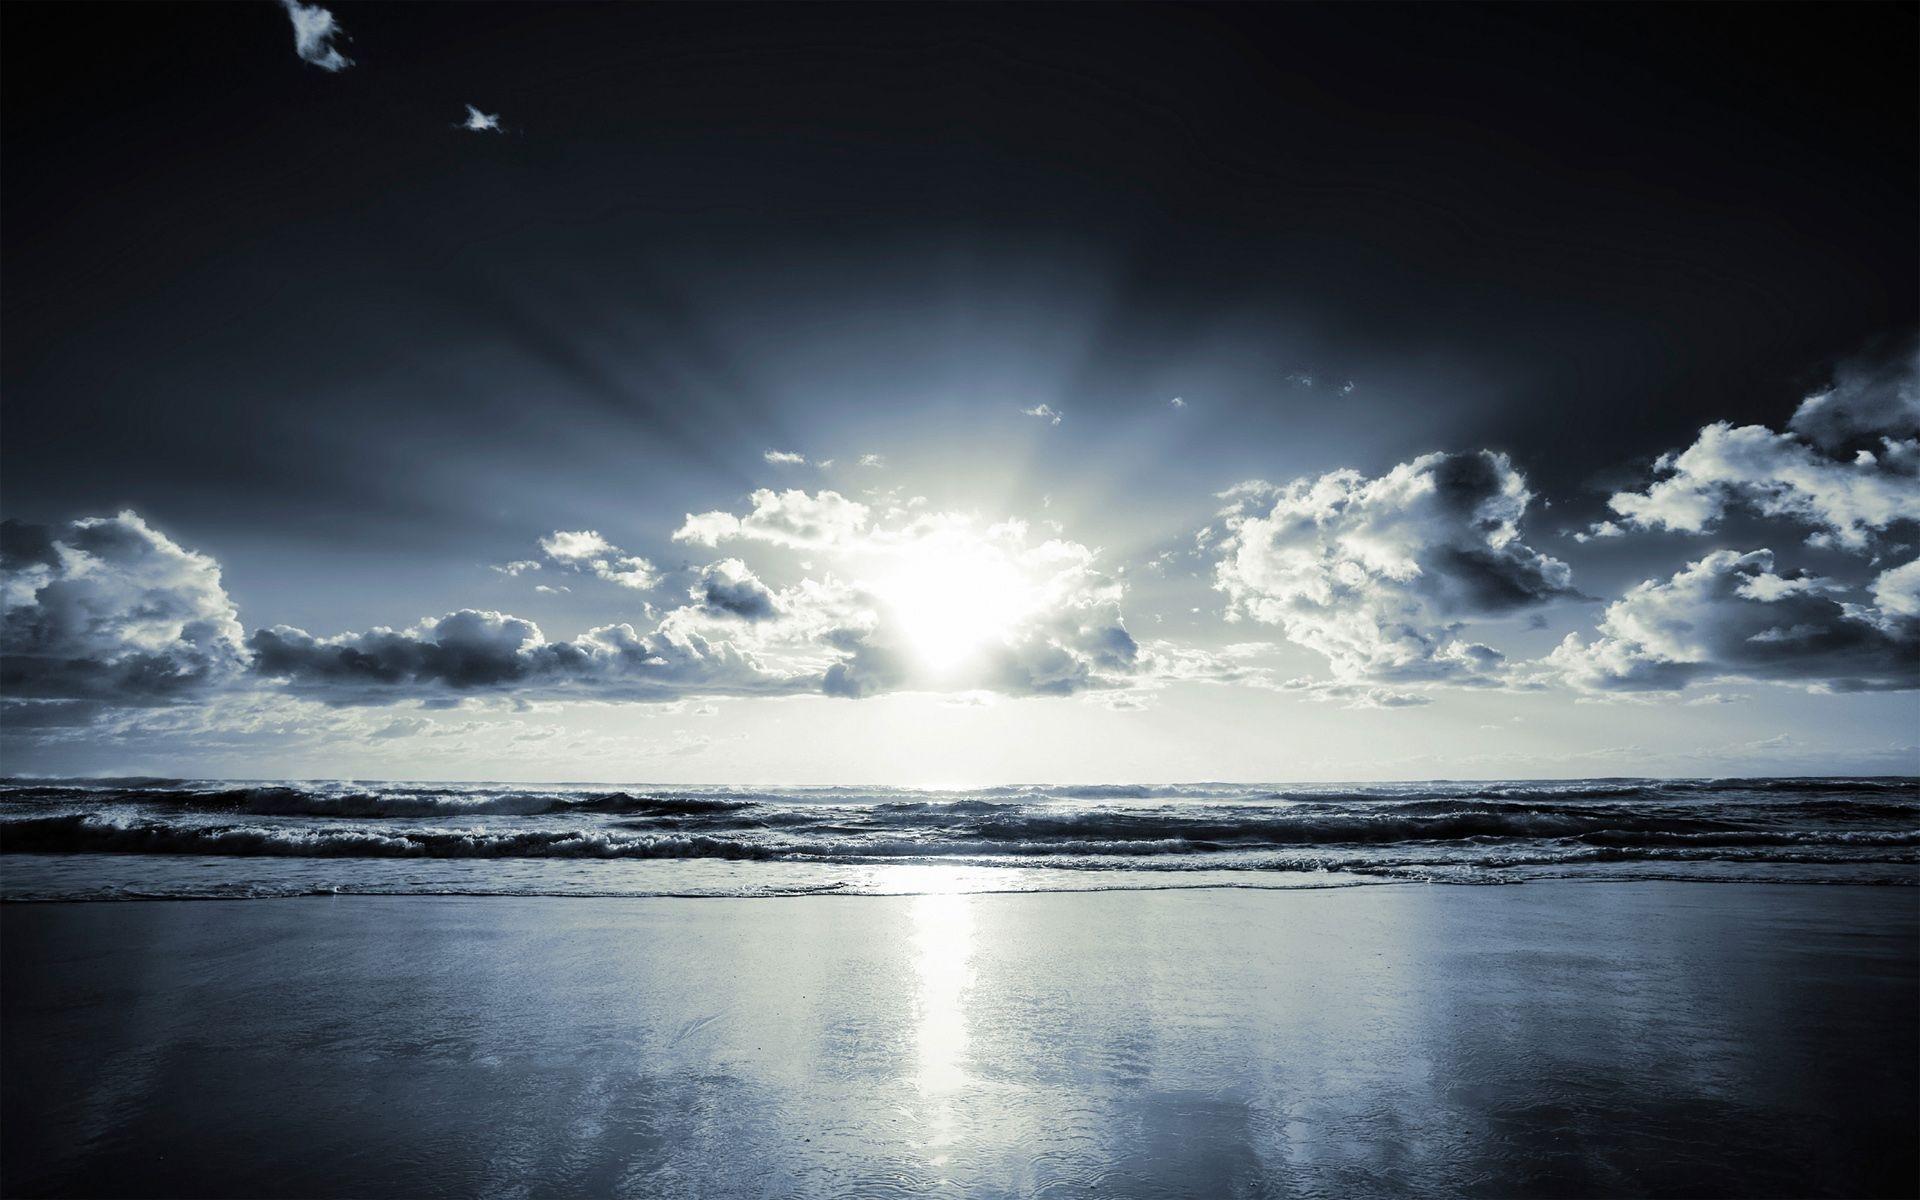 24689 скачать обои Пейзаж, Море, Солнце, Облака, Волны - заставки и картинки бесплатно